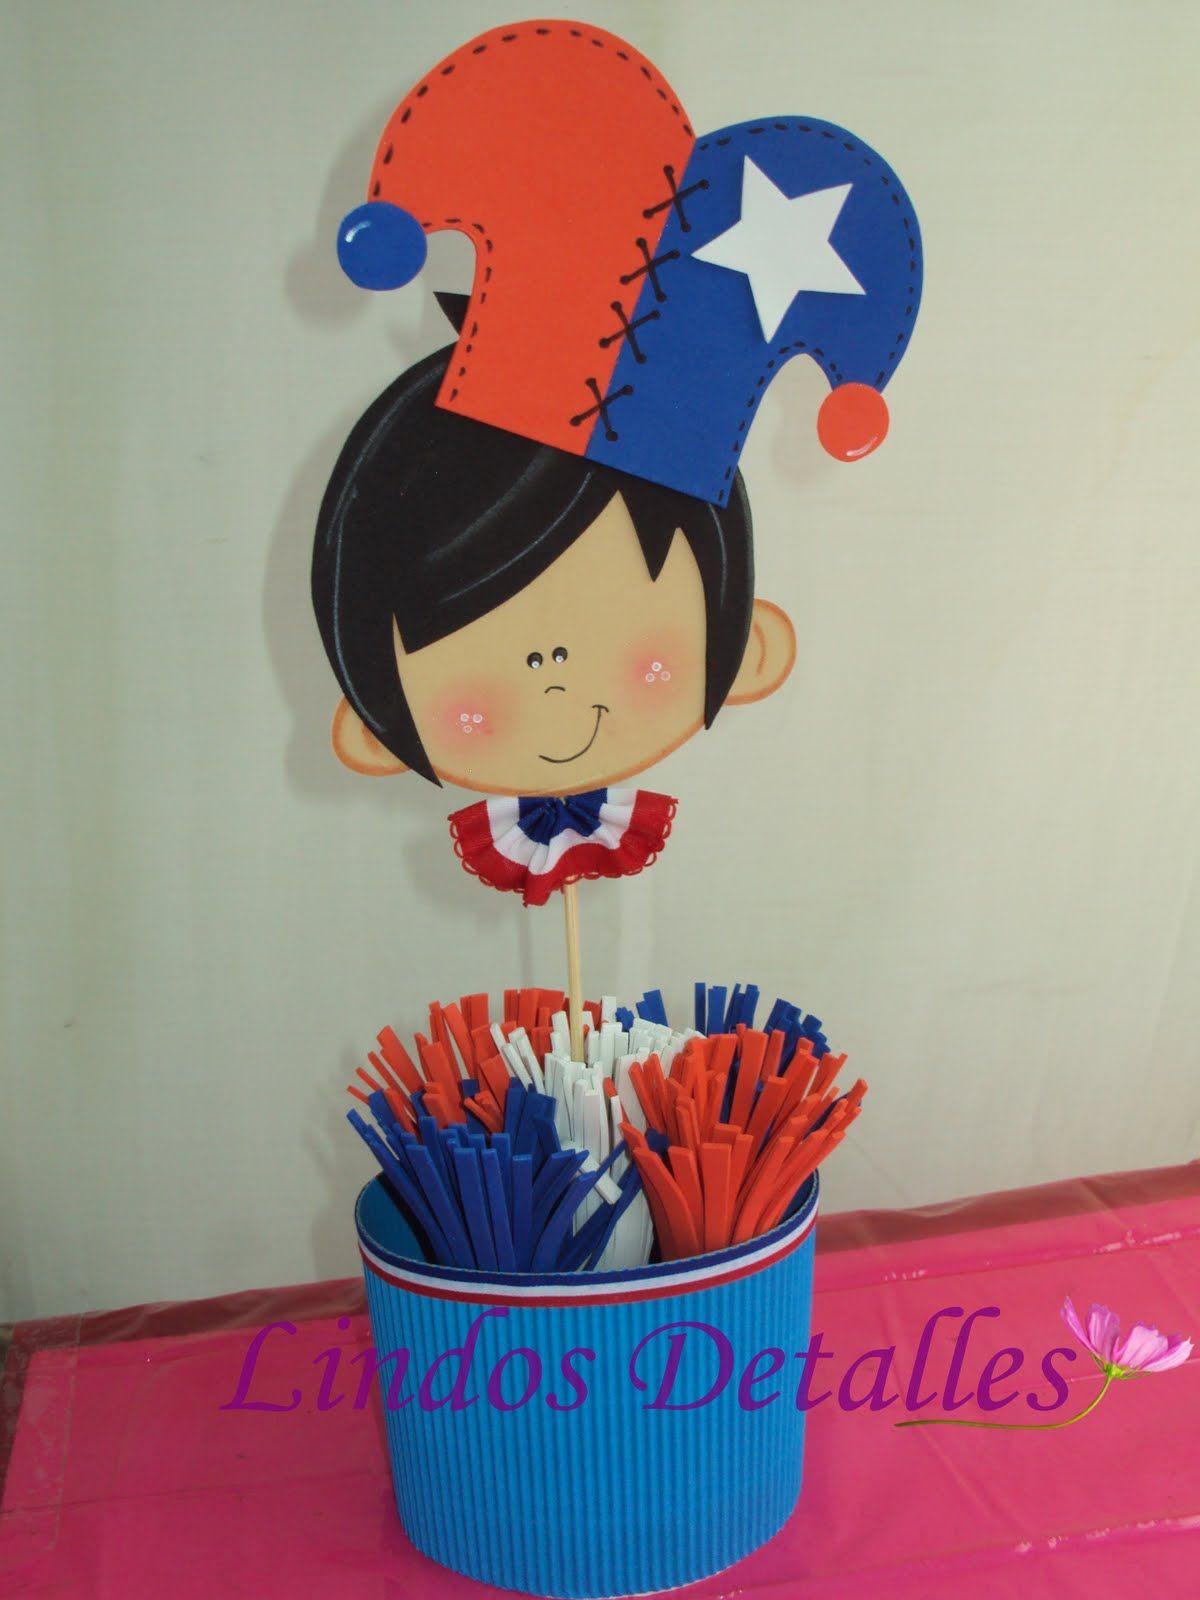 Simbolos De Fiestas Patrias Chilenaspara Colorear Buscar Con Goo Decoracion Fiestas Patrias Chile Fiestas Patrias Decoracion Manualidades Por Fiestas Patrias